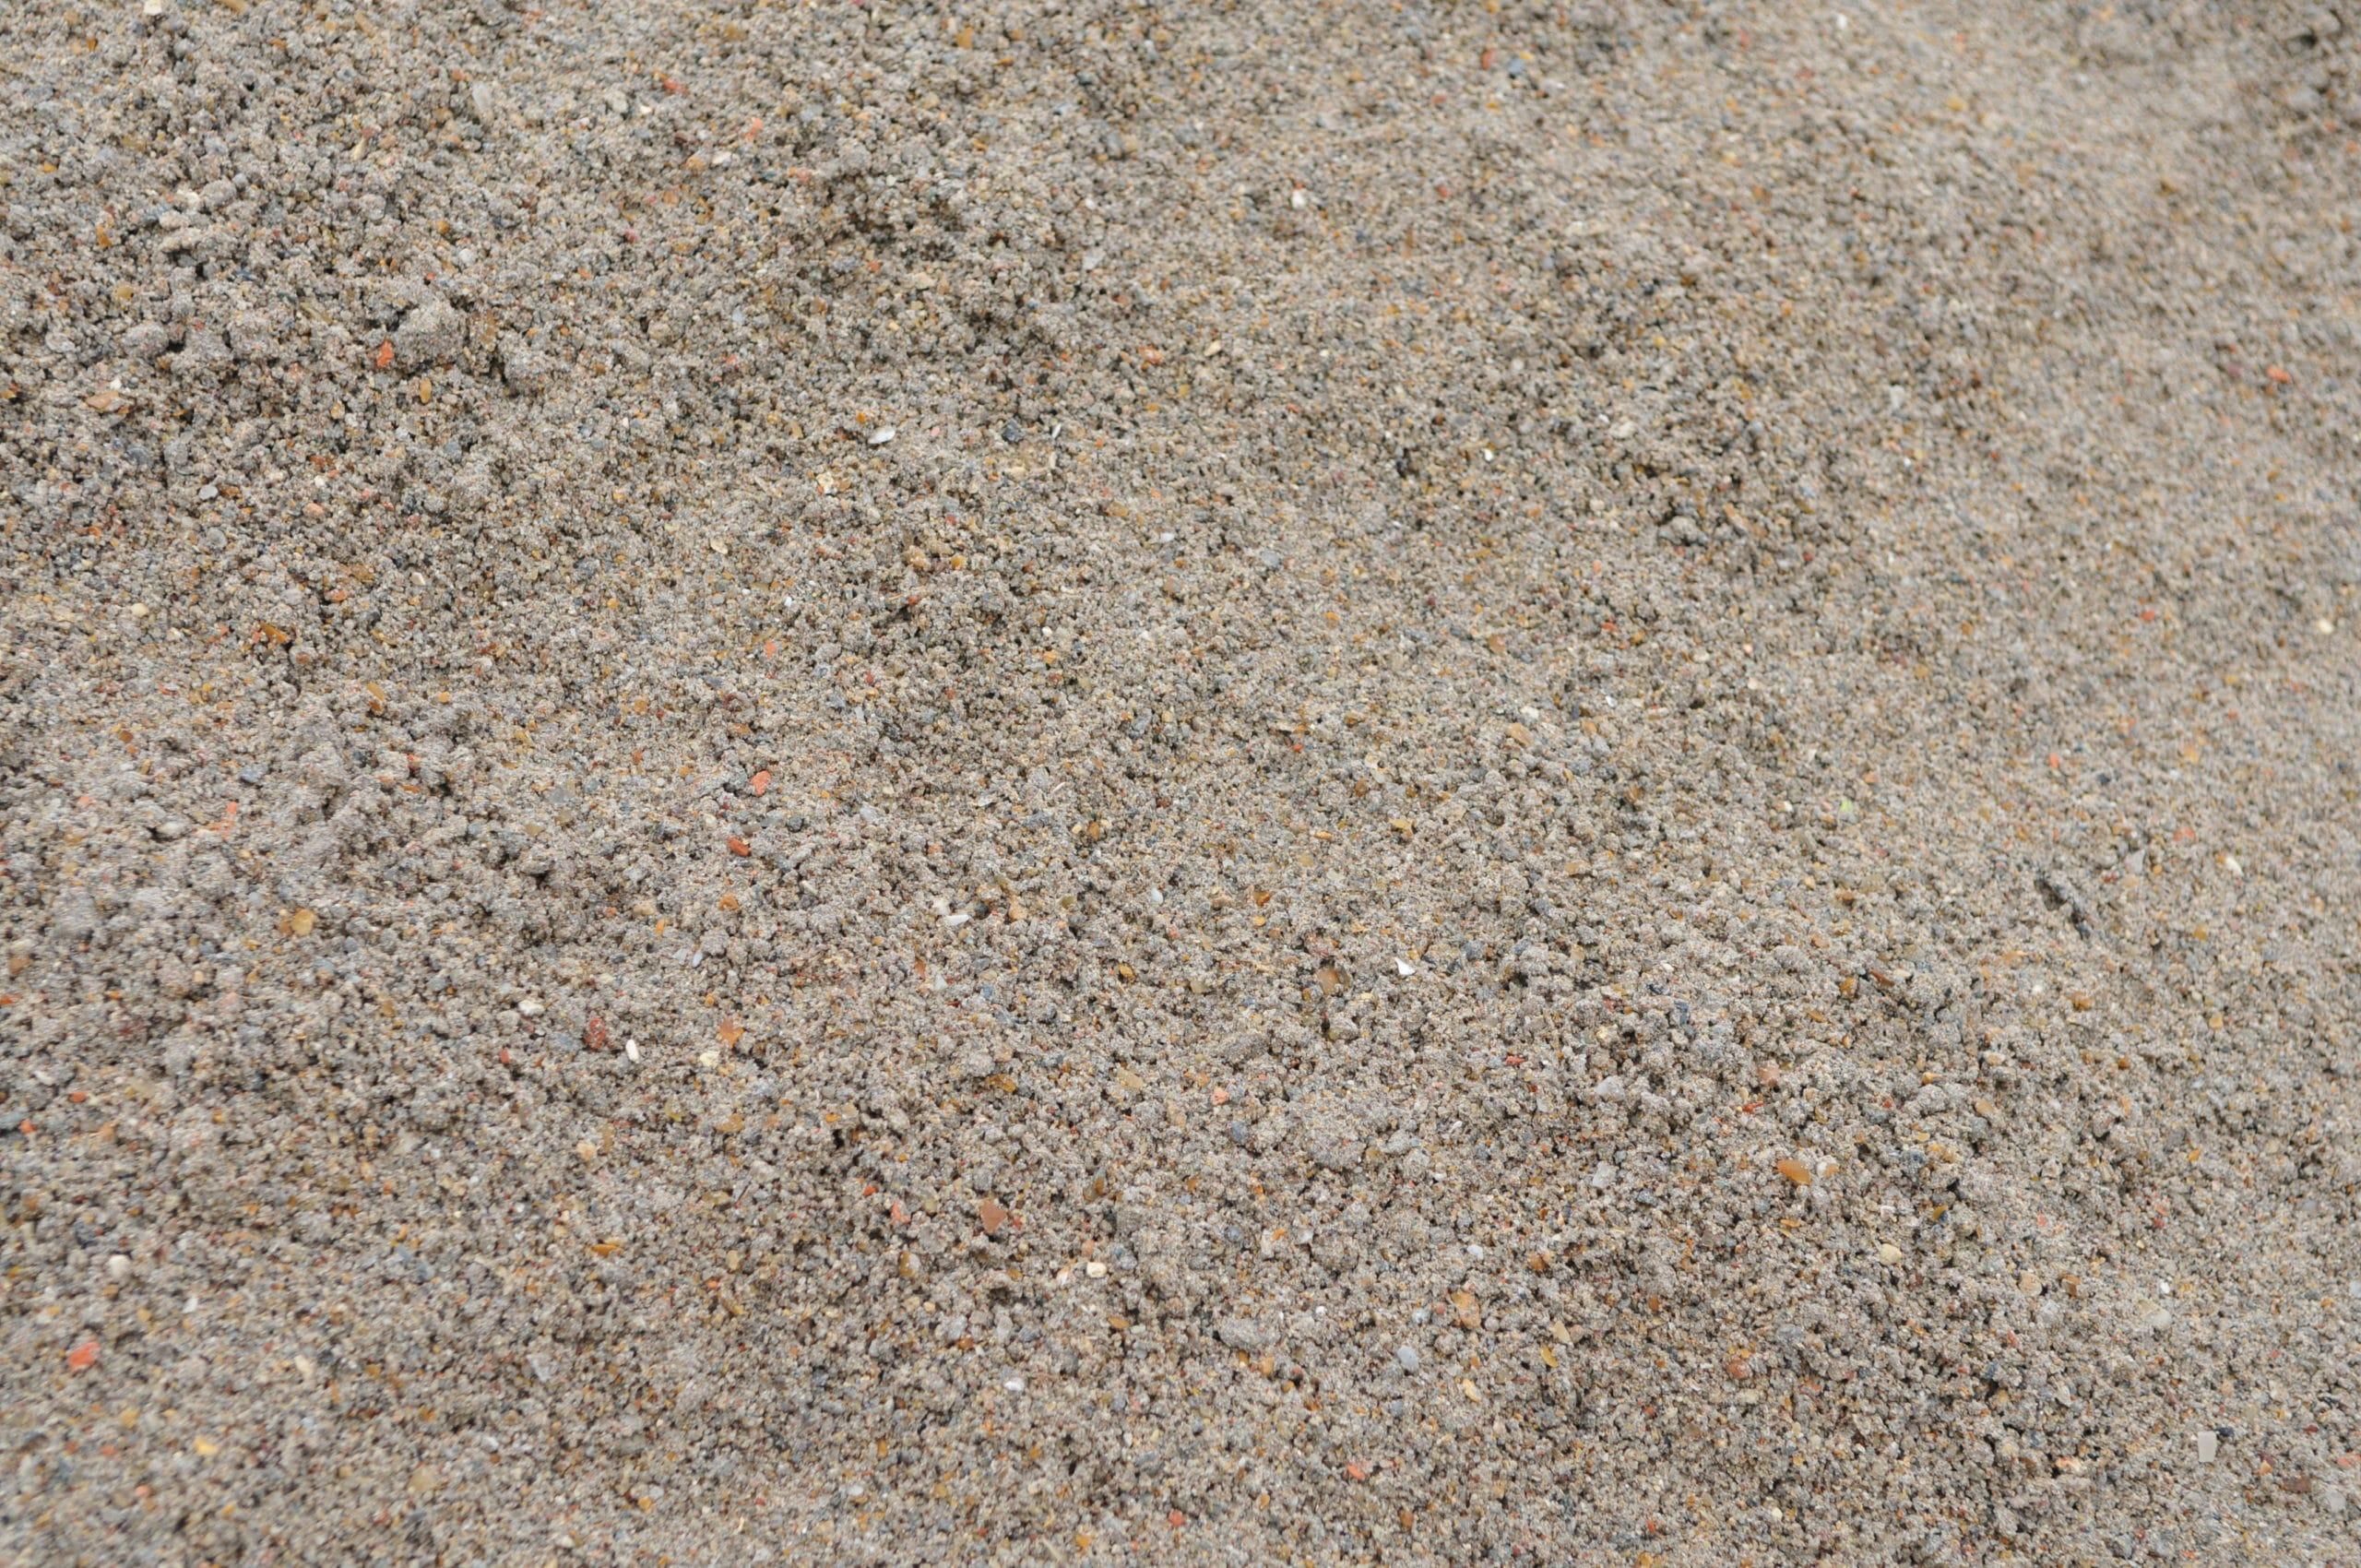 Granudem - Granulat et béton recyclés - Sable recyclé - Photo du sable recyclé et lavé - 3